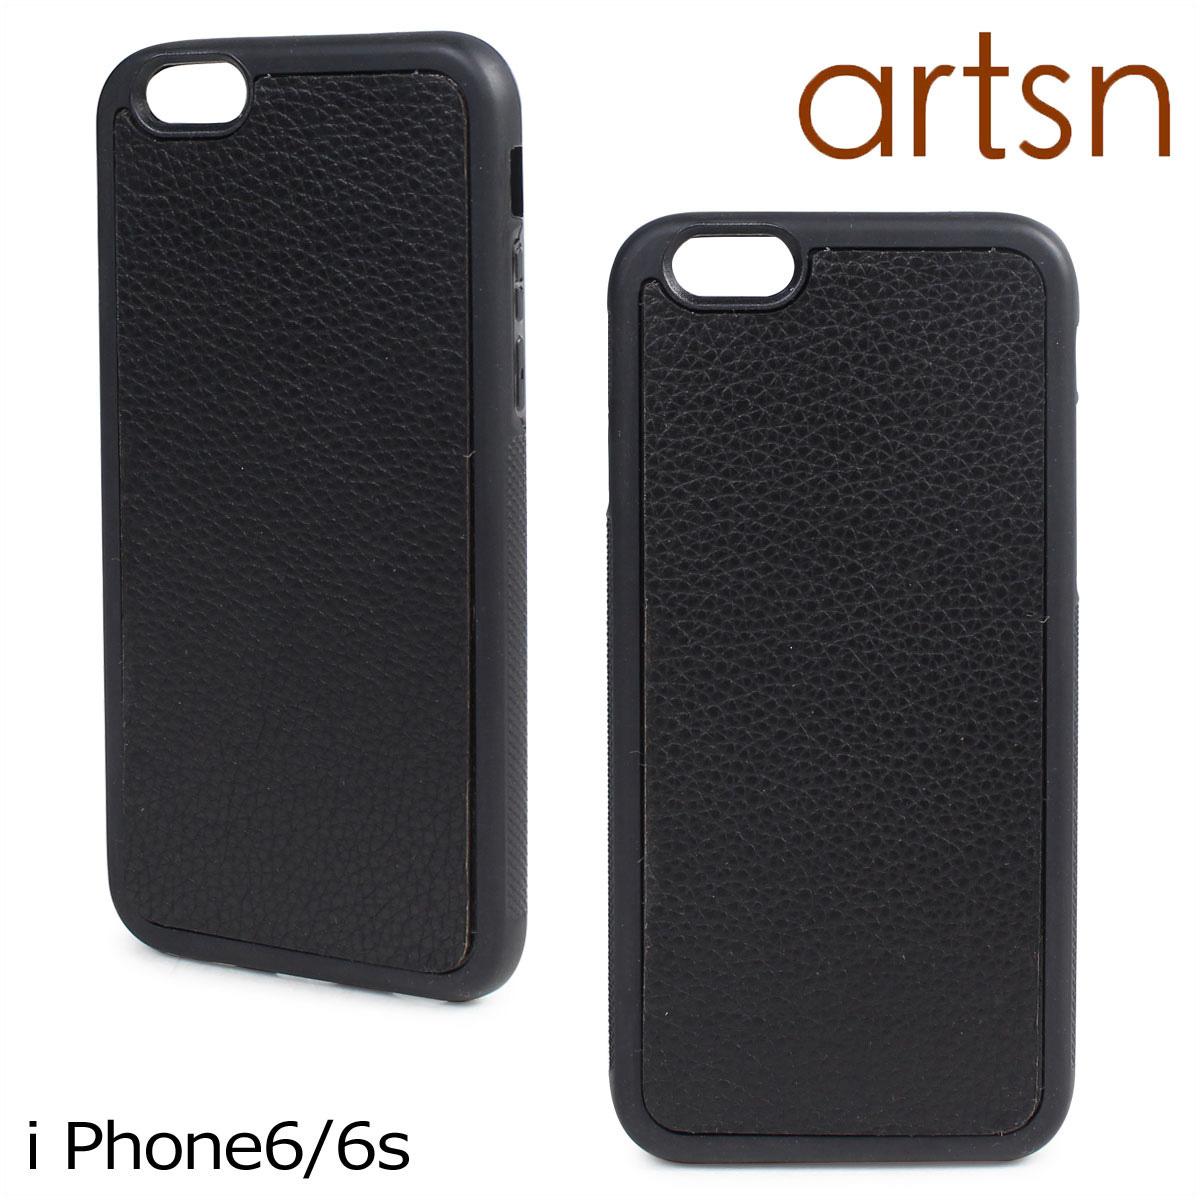 ARTSN アーツン iPhone 6 6s ケース スマホ 携帯 アイフォン メンズ レディース